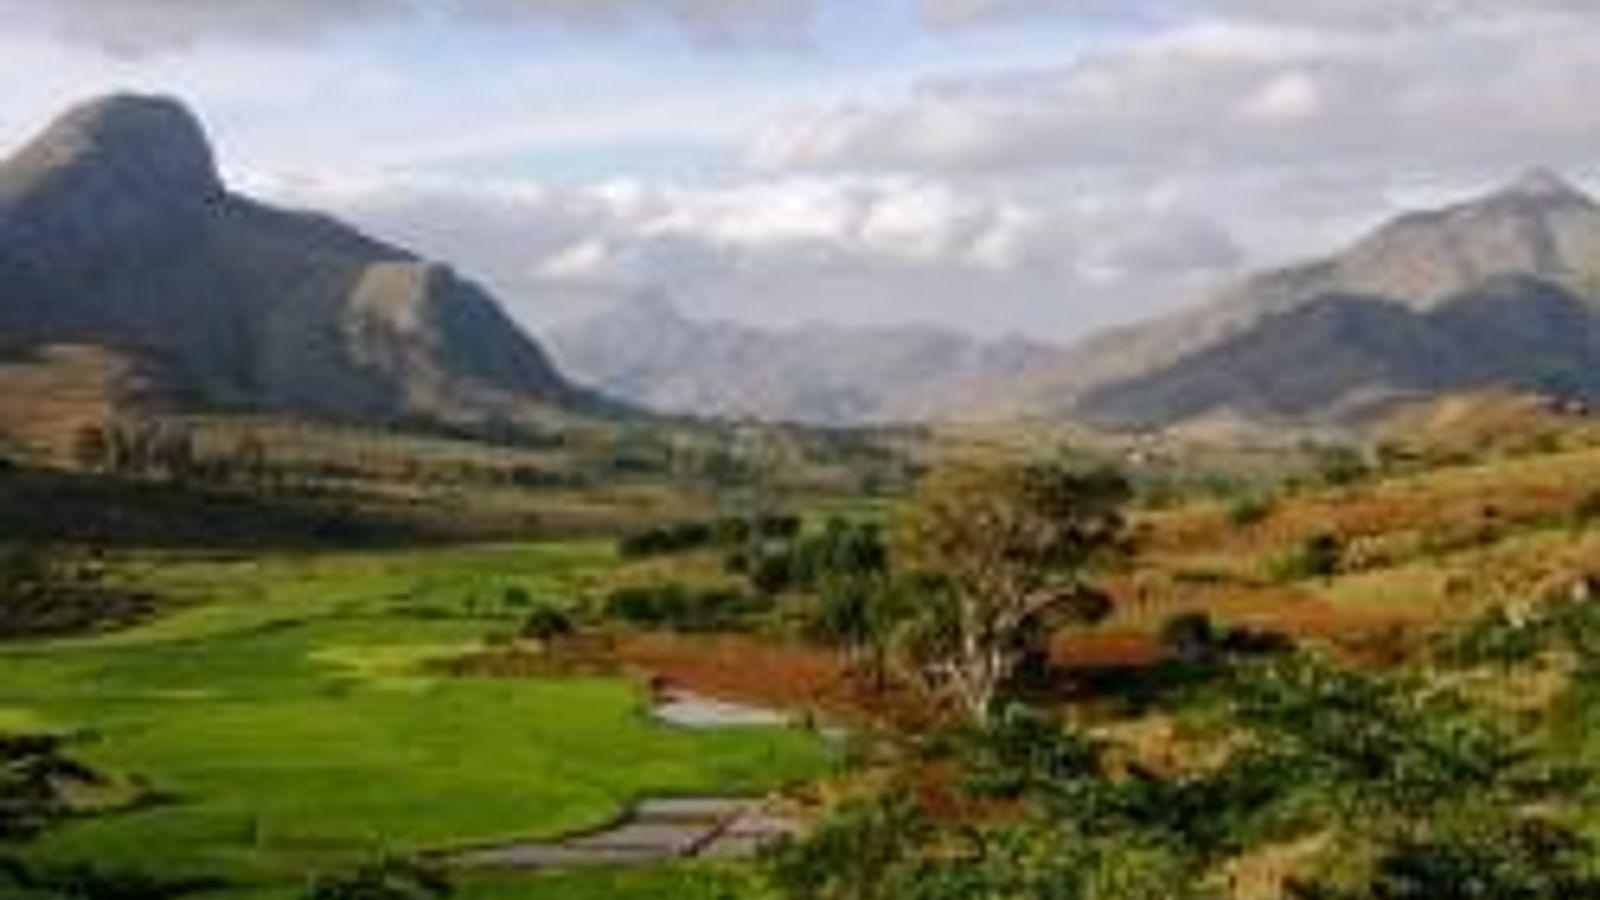 Madagaskar ist reich an Naturparadiesen, die allerdings durch illegalen Holzabbau zunehmend gefährdet sind.